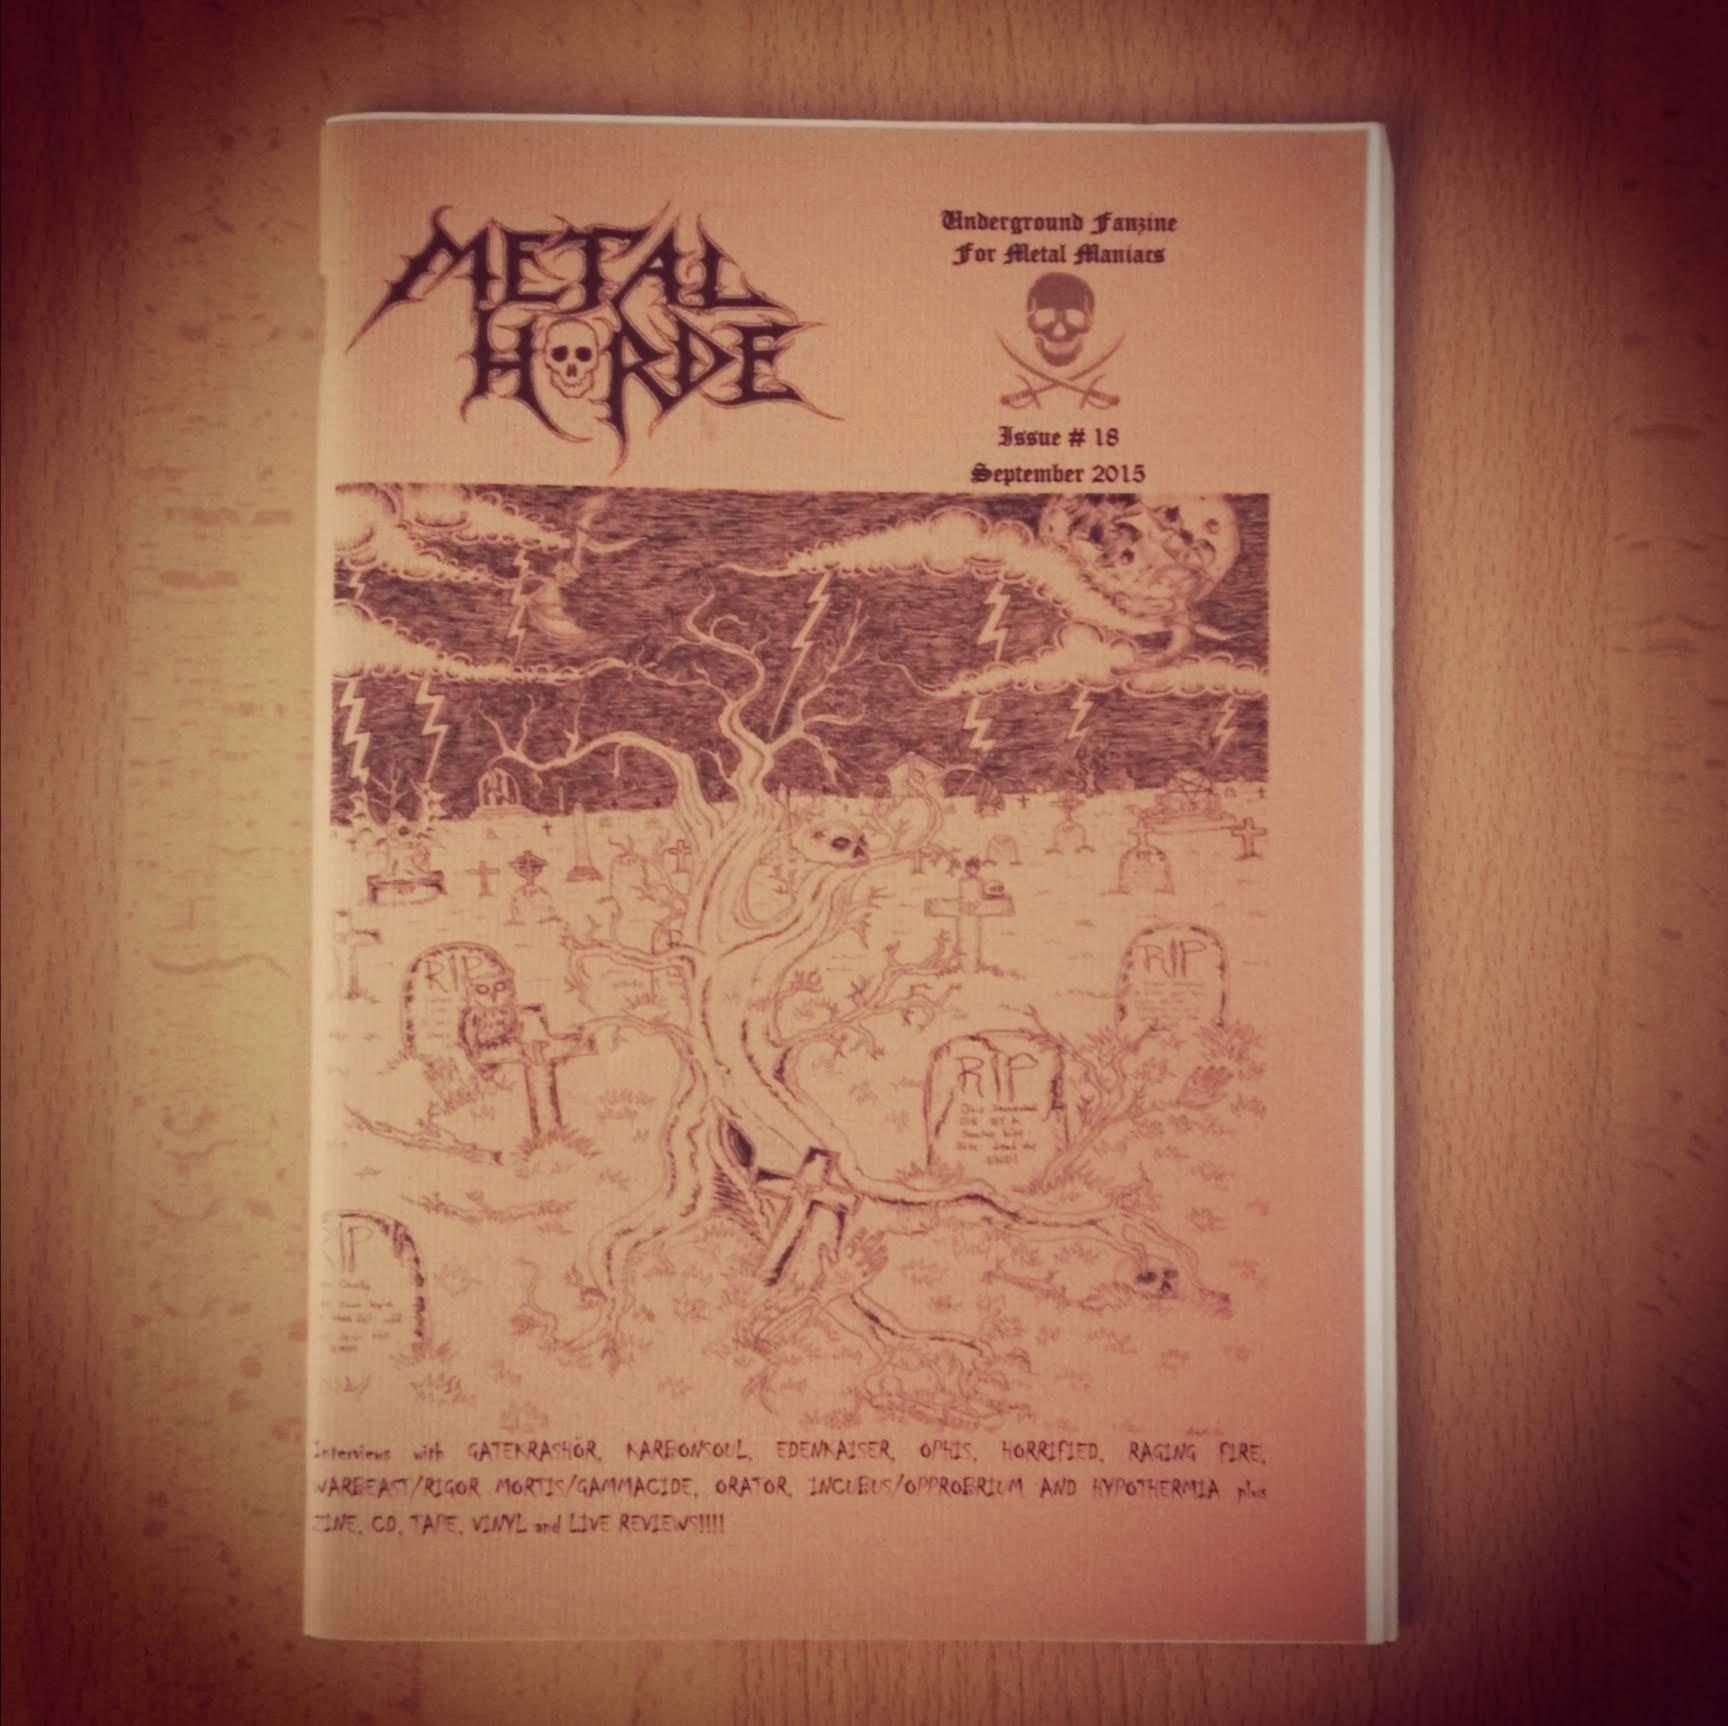 METAL HORDE ZINE # 18